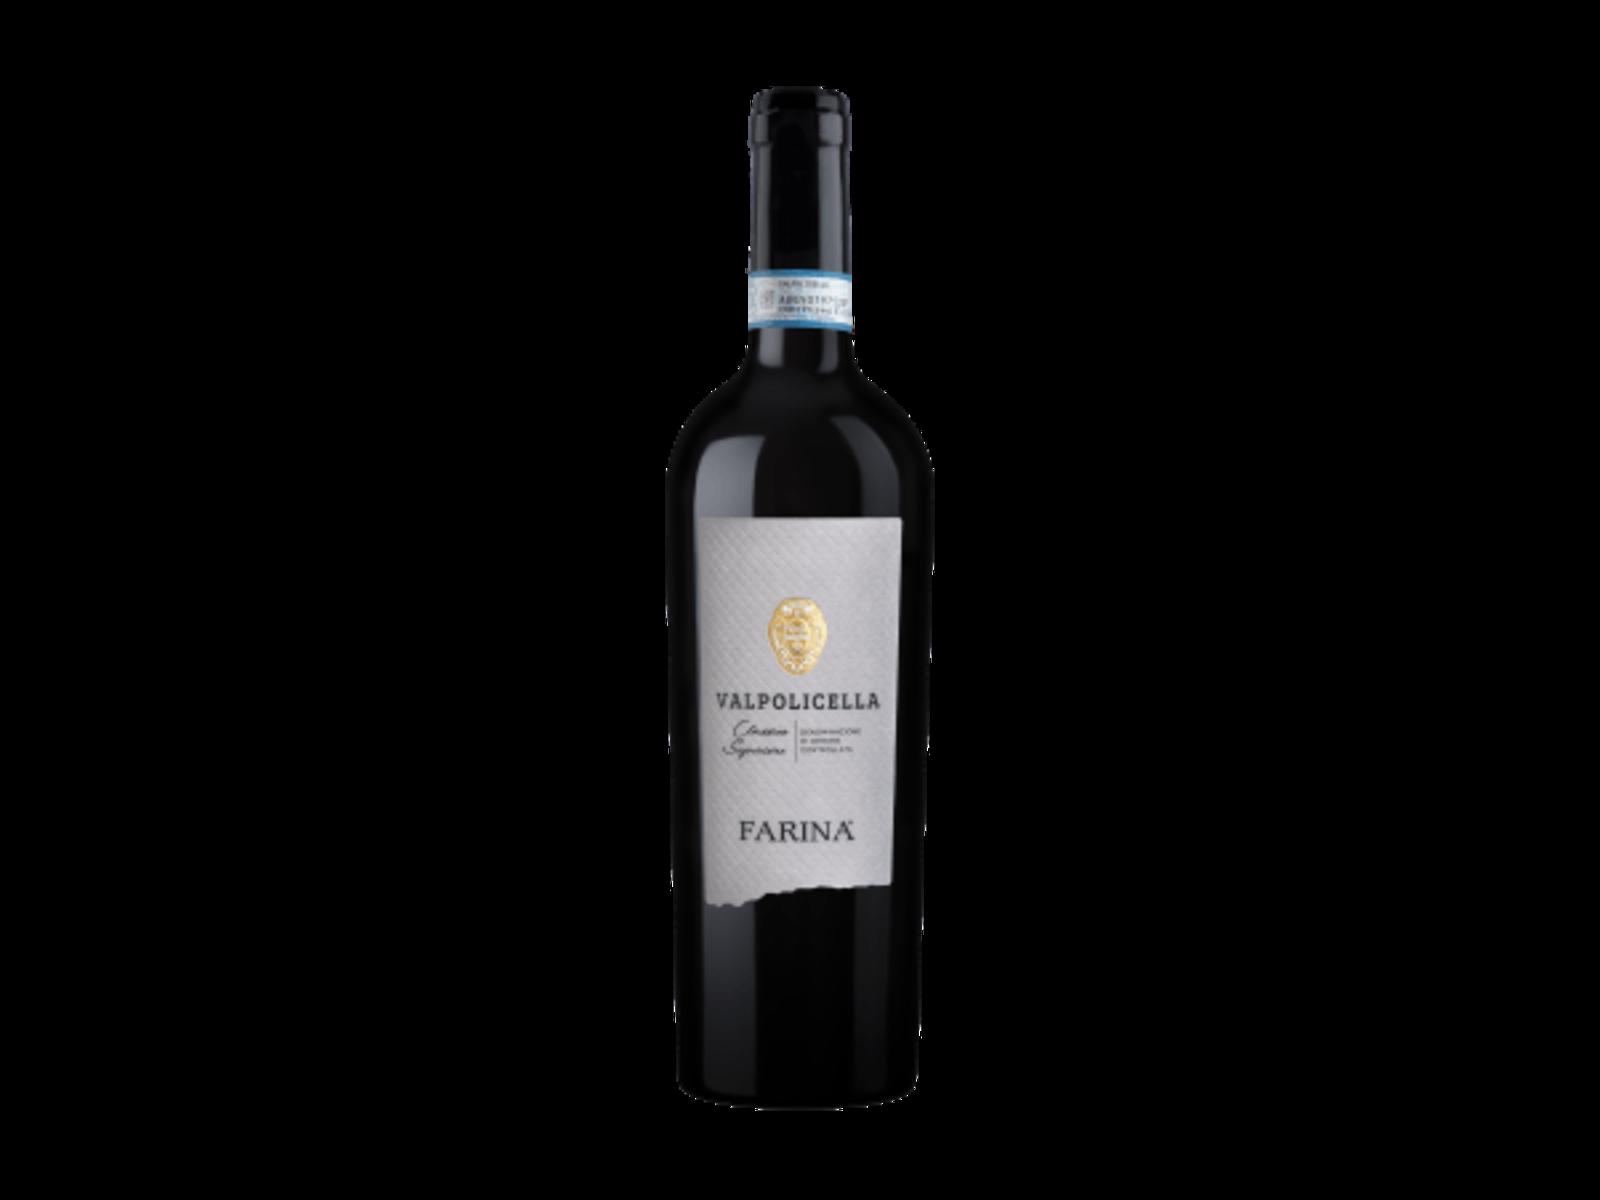 Farina Farina / Valpolicella Classico Superiore